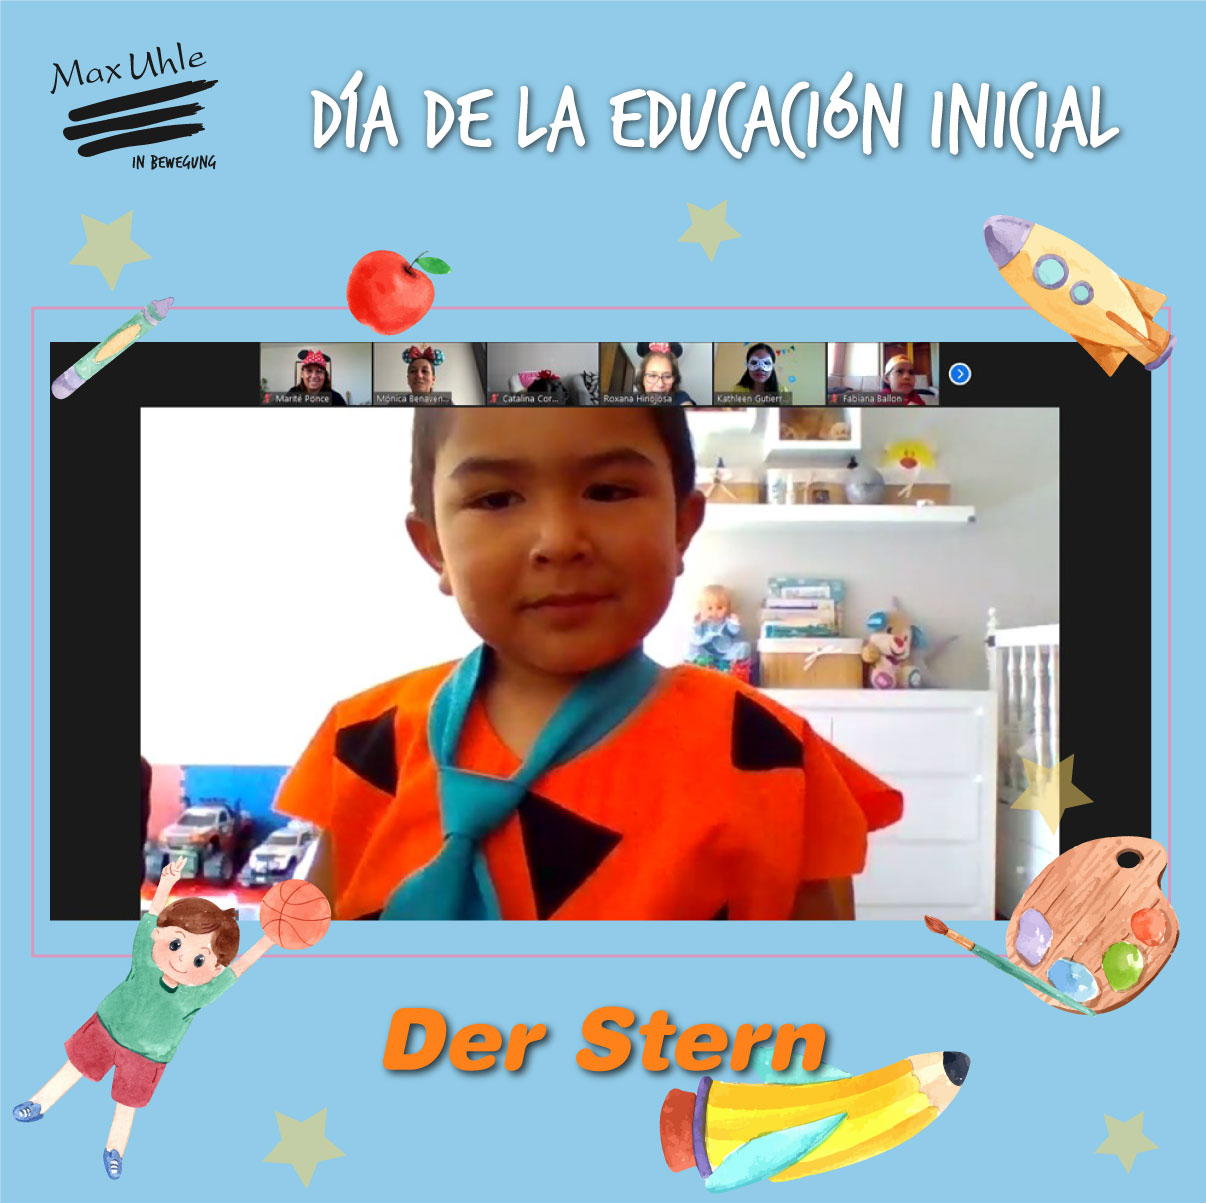 Der Stern 1 Día de la Educación Inicial